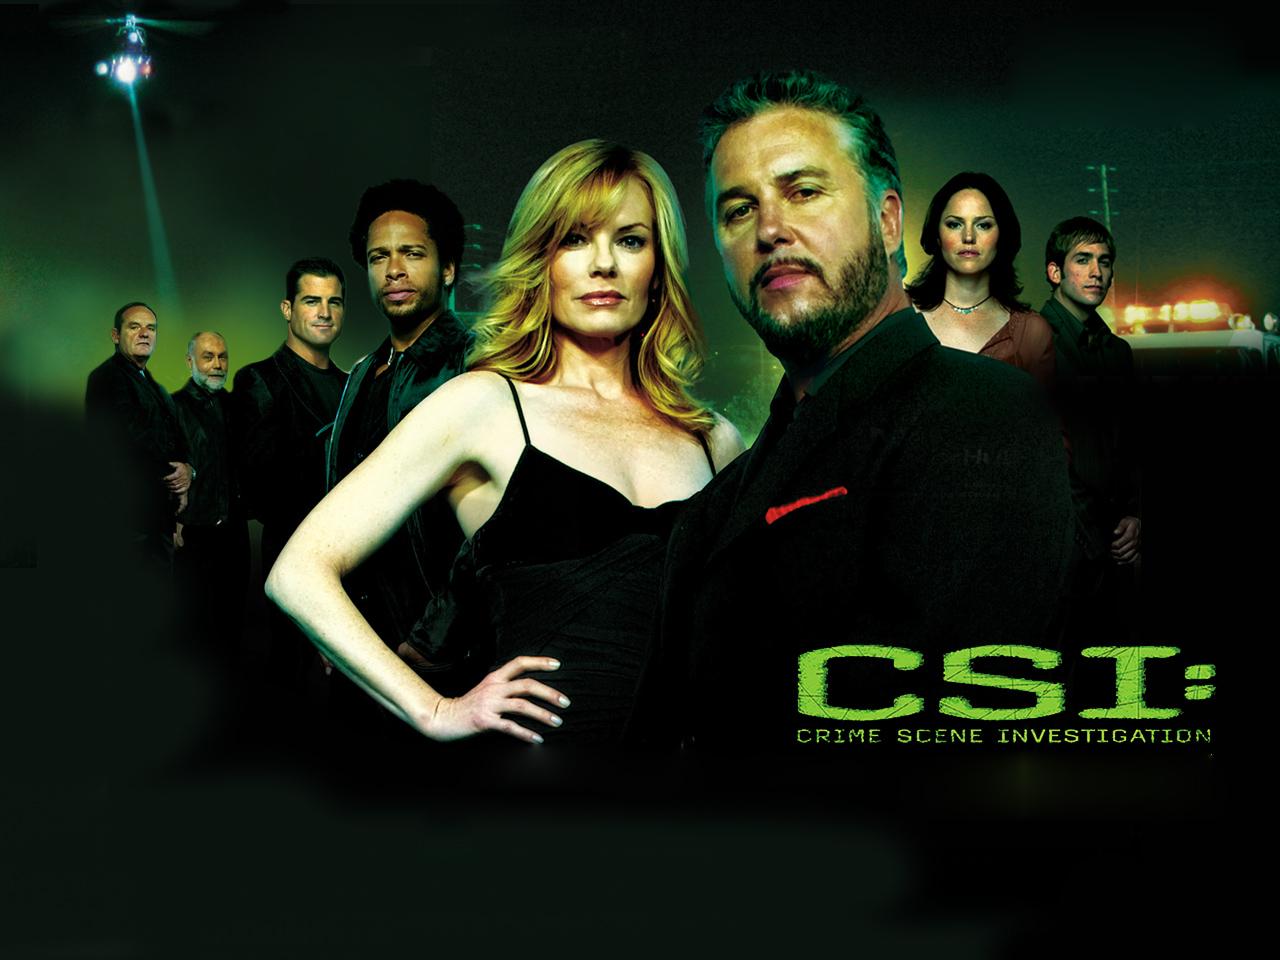 http://images.fanpop.com/images/image_uploads/CSI-gil-grissom-273993_1280_960.jpg